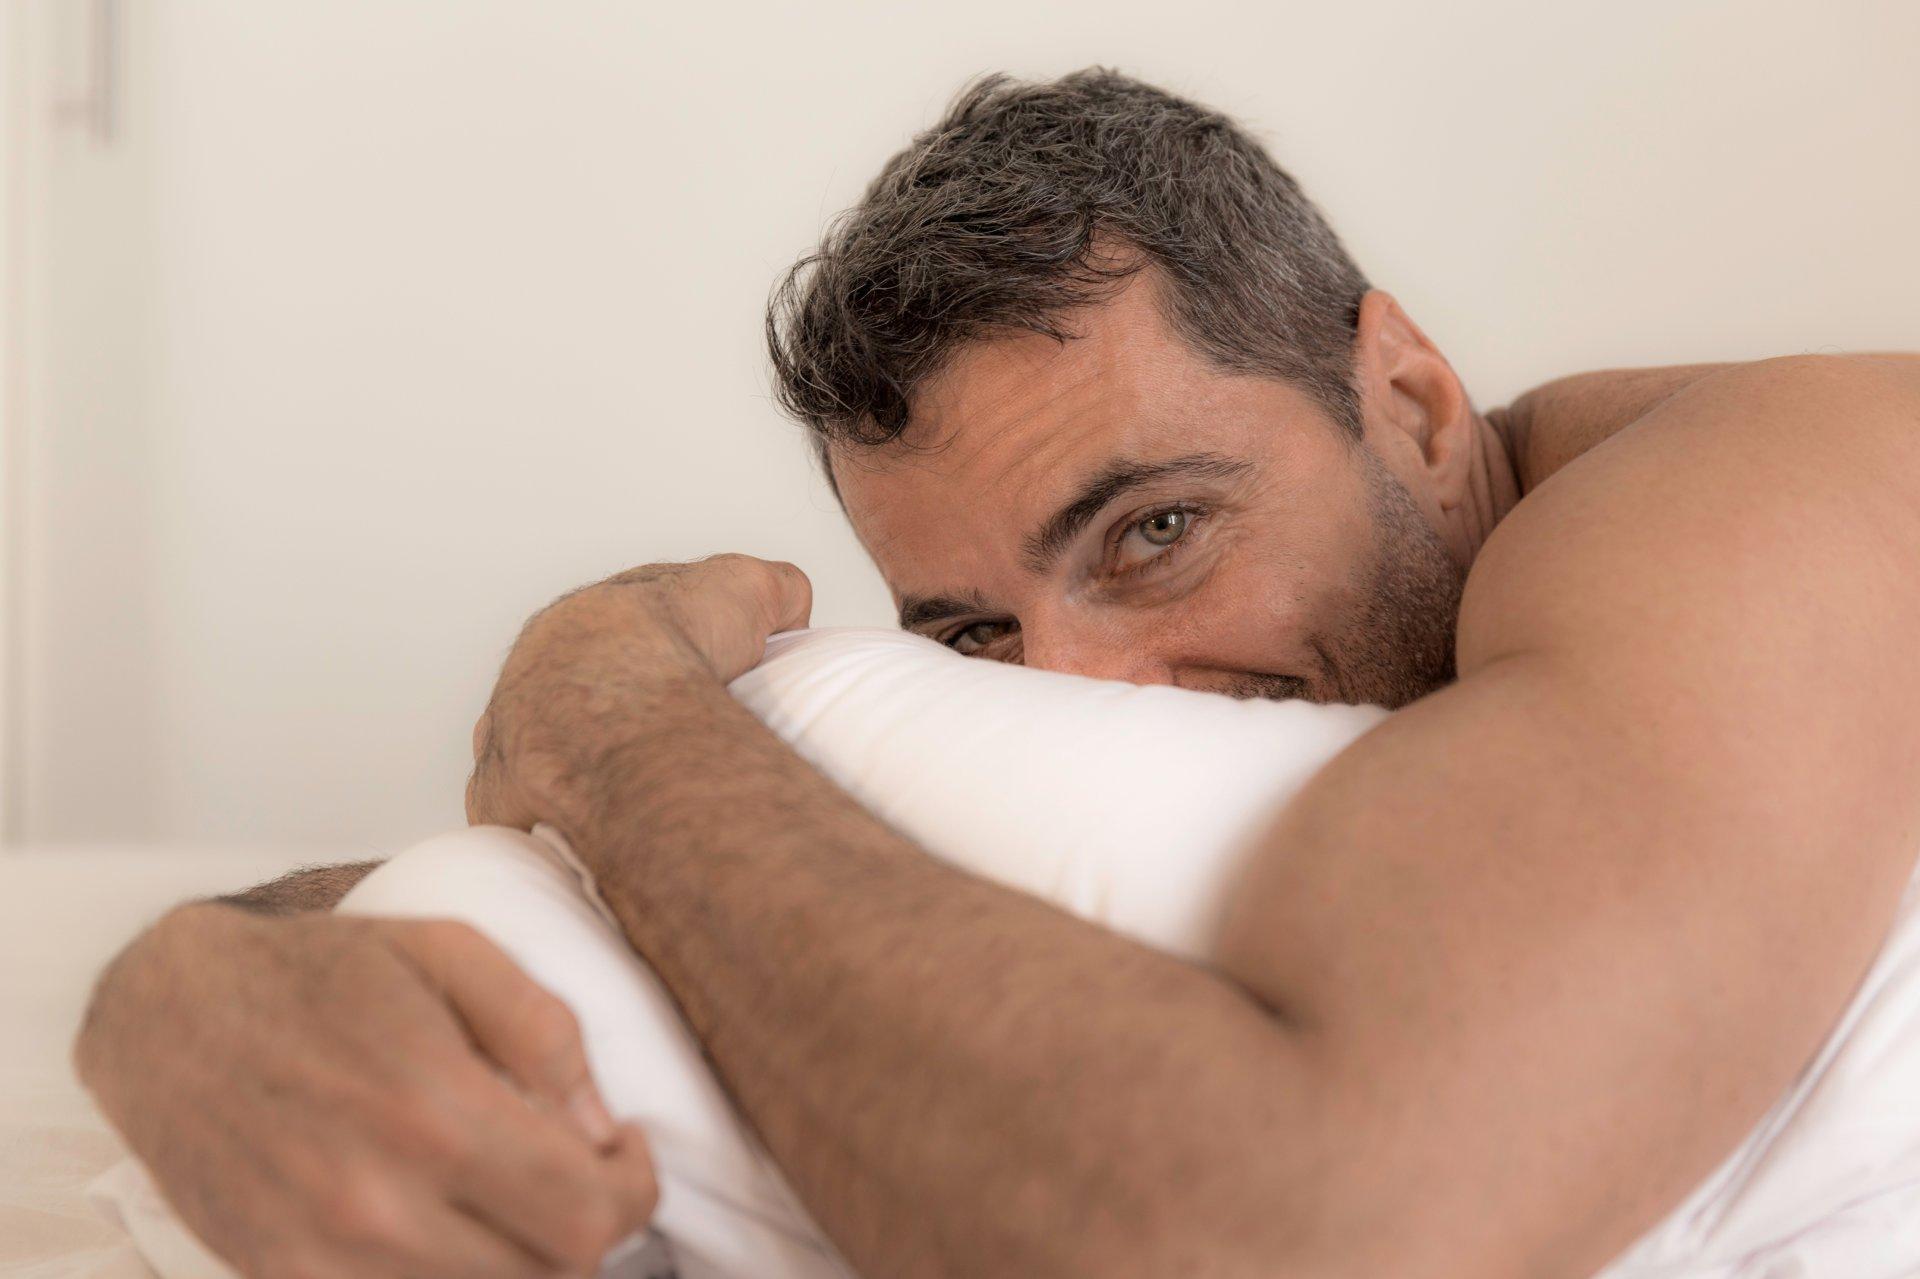 rytinės varpos padidėjimas kaip sustiprinti erekciją 55 metų